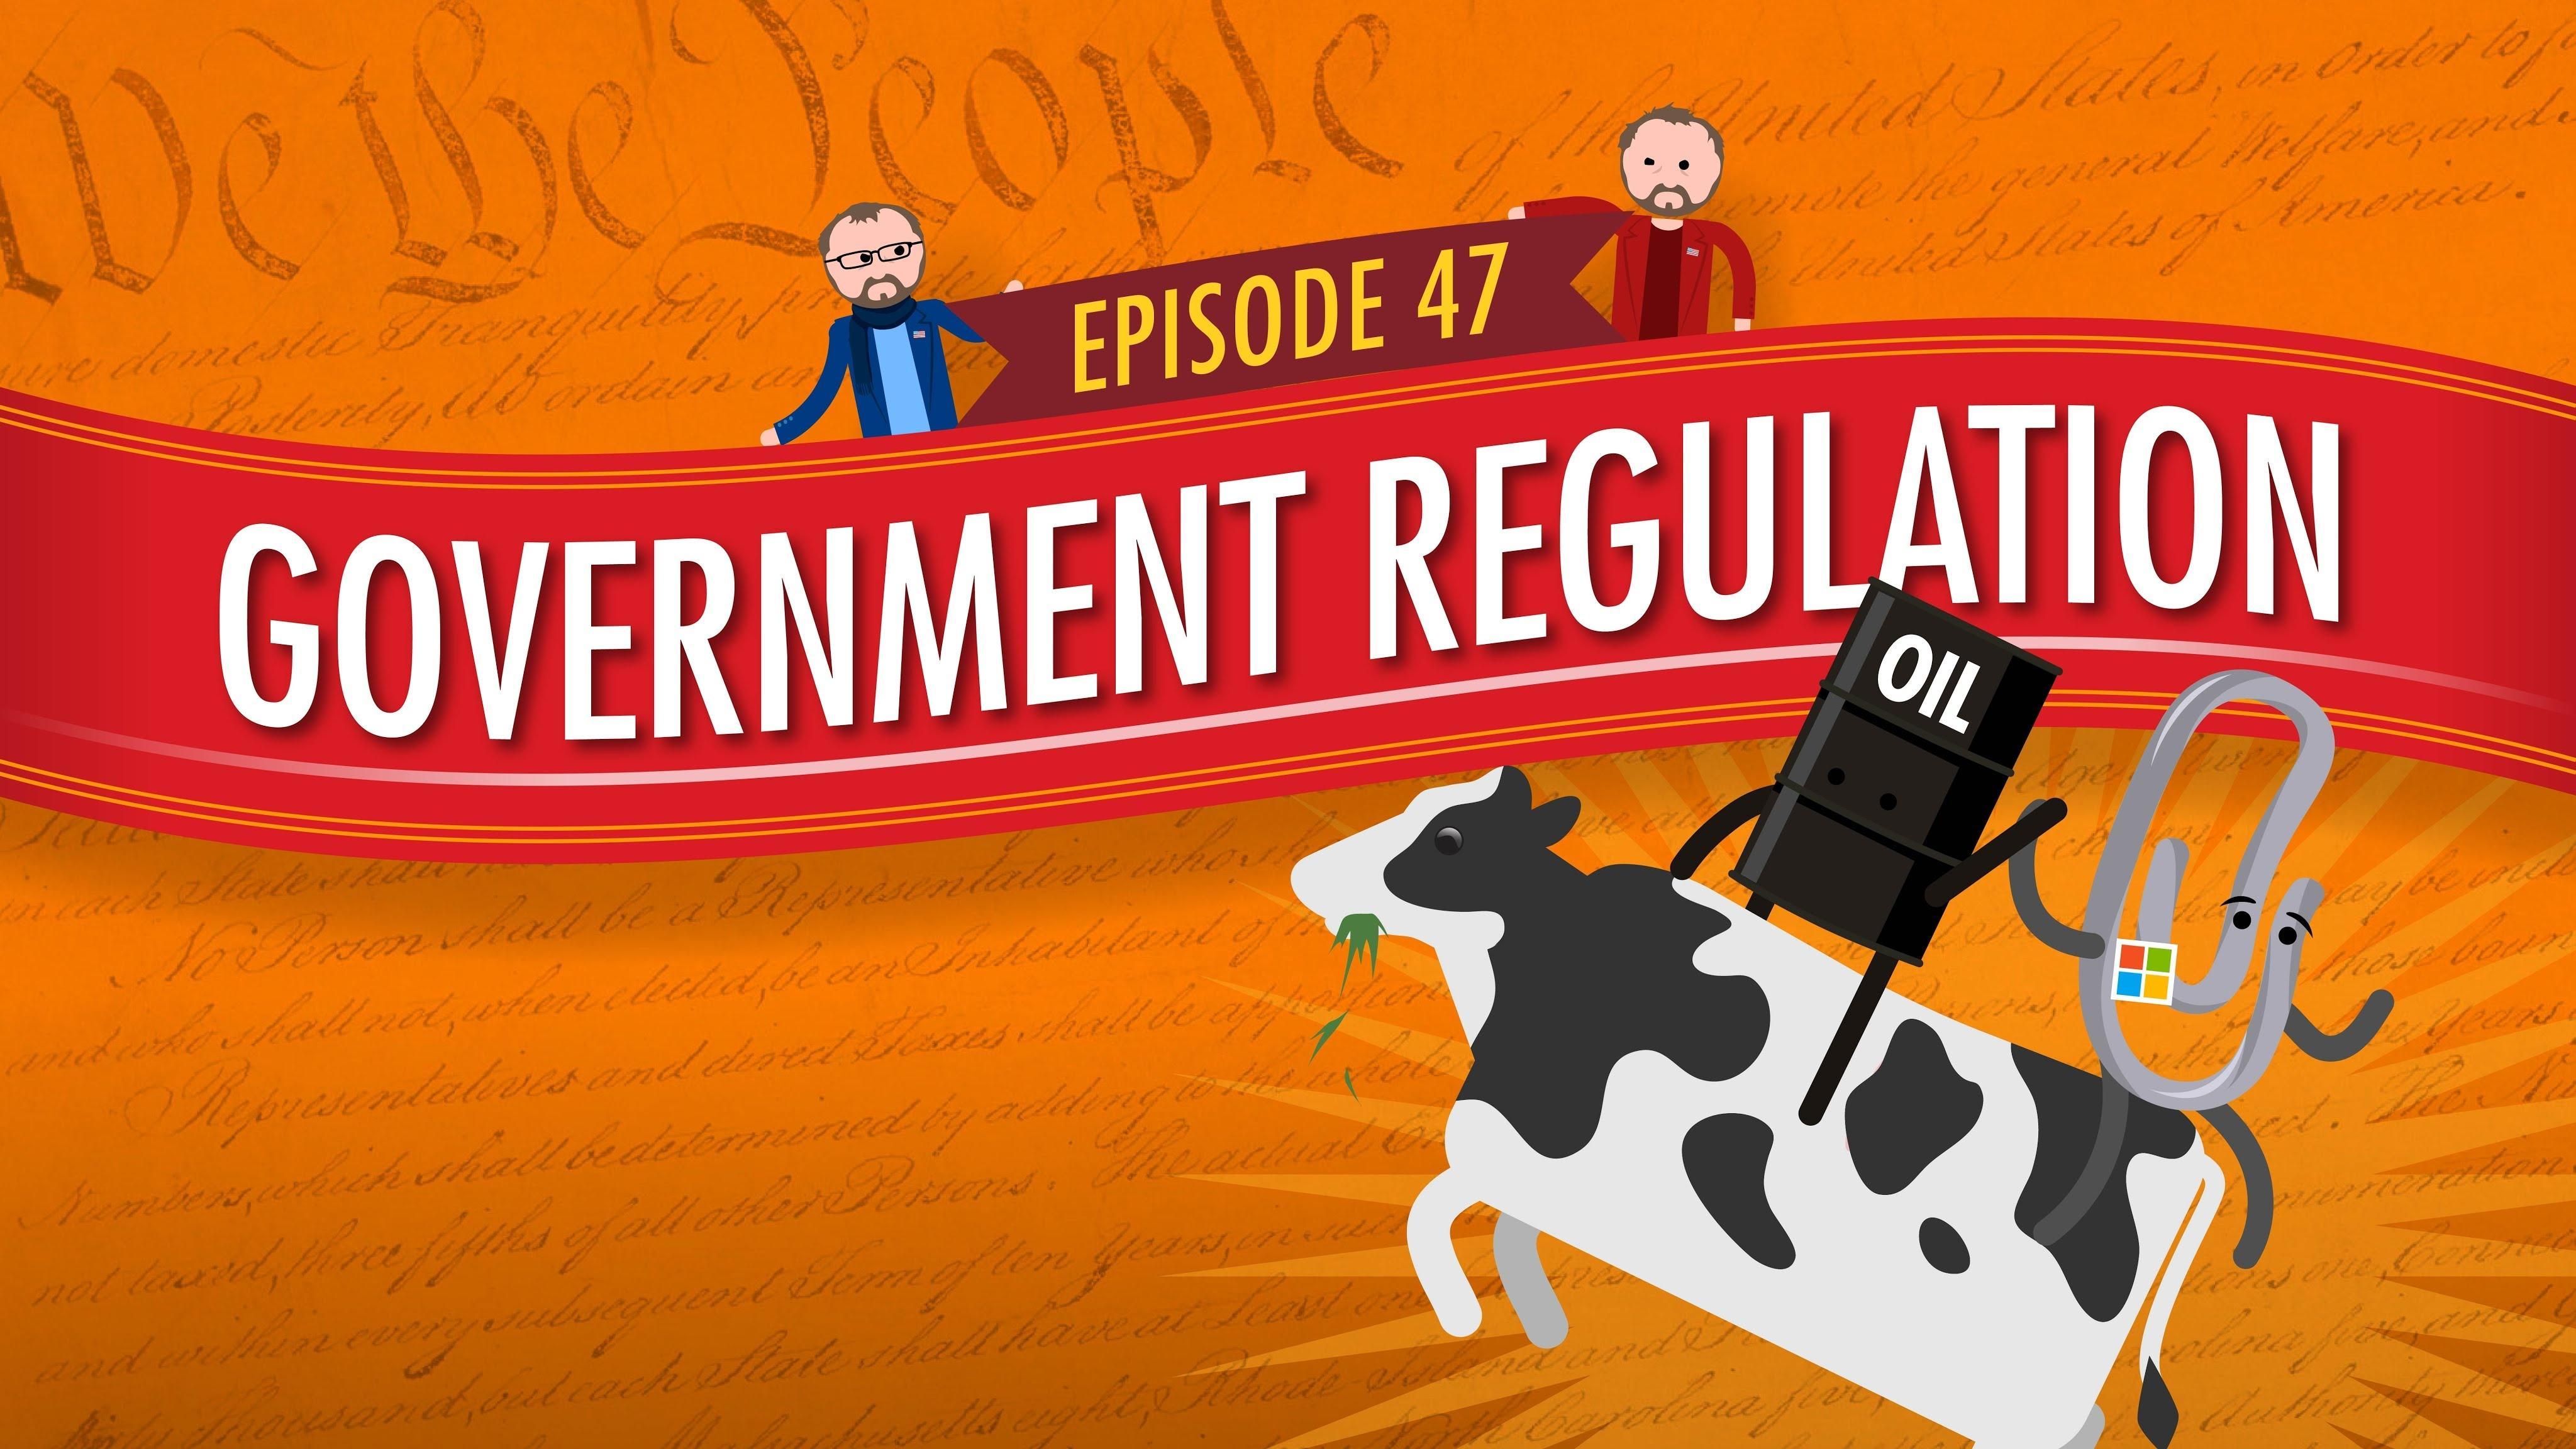 S1 E47 Government Regulation Crash Course Government 47